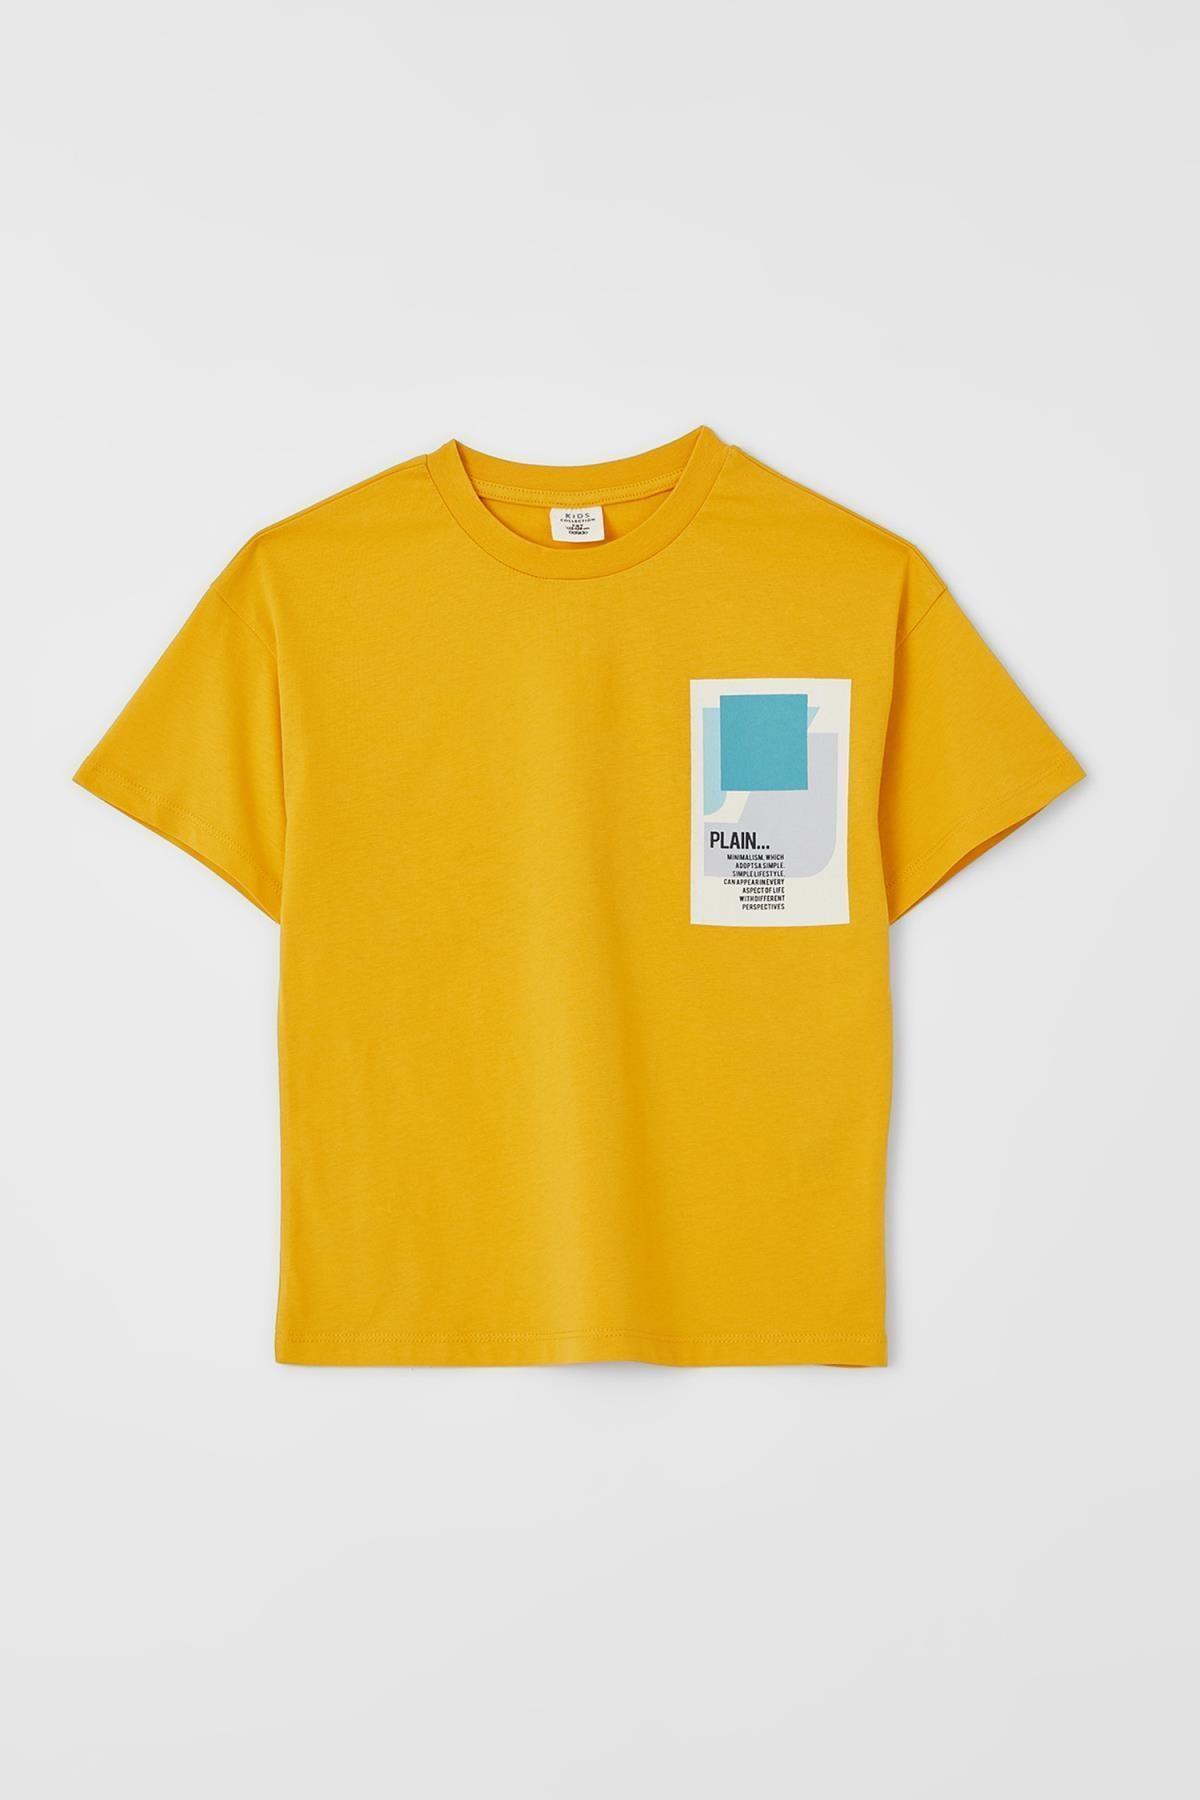 Erkek Çocuk Oversize Fit Slogan Baskılı Kısa Kollu Tişört